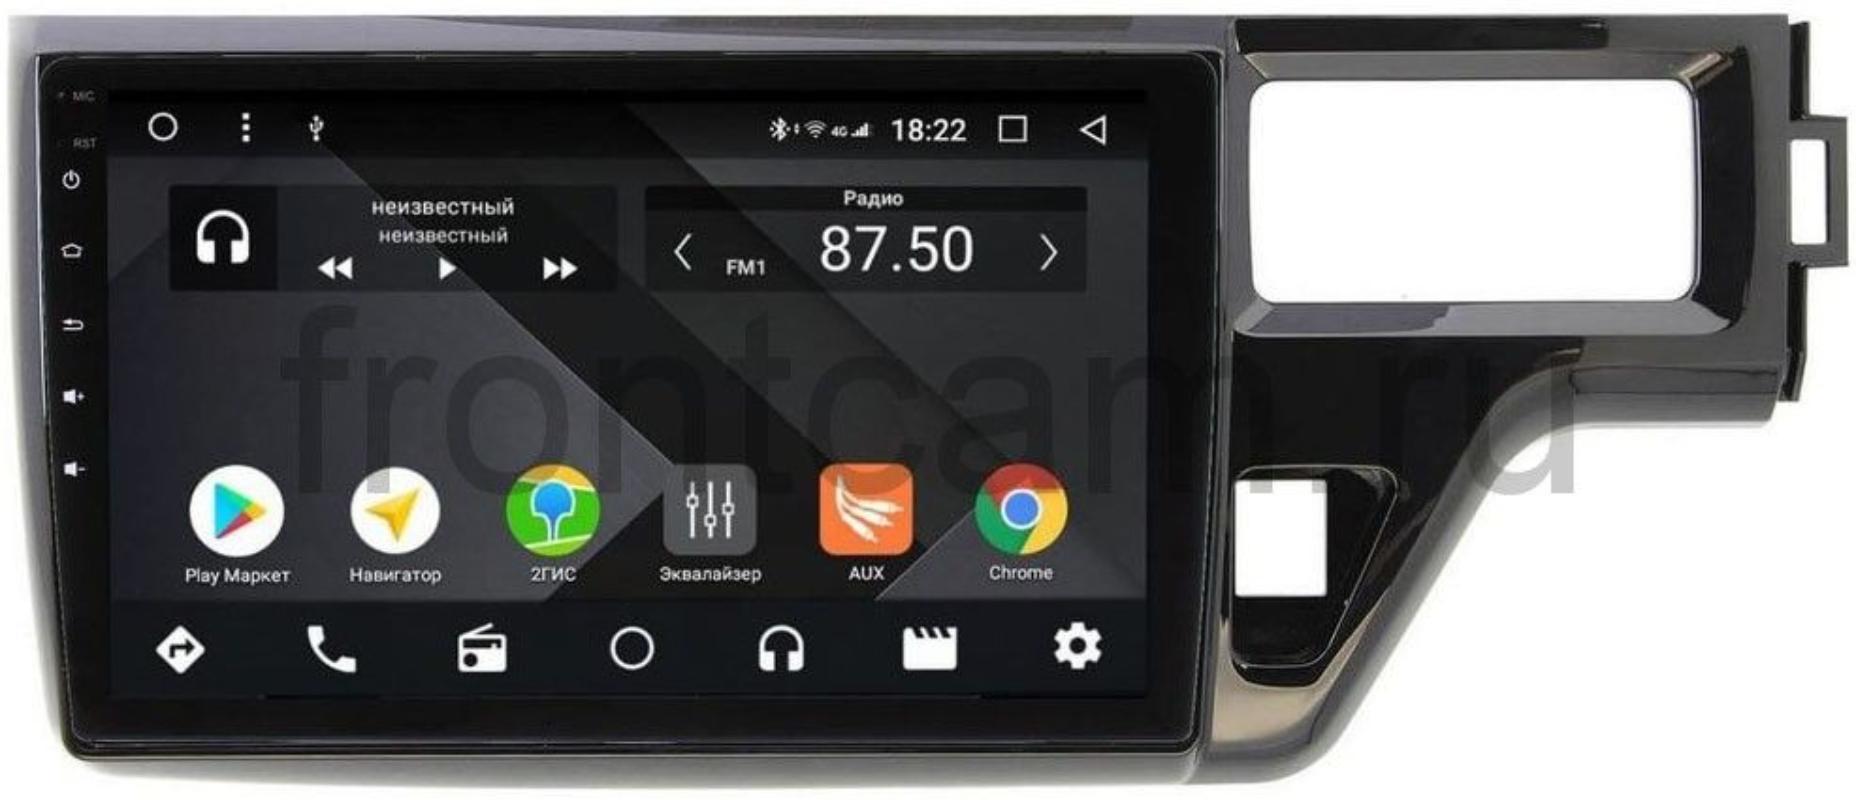 Штатная магнитола Wide Media CF1099PM-4/64 для Honda Stepwgn V 2015-2021 на Android 9.1 (TS9, DSP, 4G SIM, 4/64GB) (+ Камера заднего вида в подарок!)